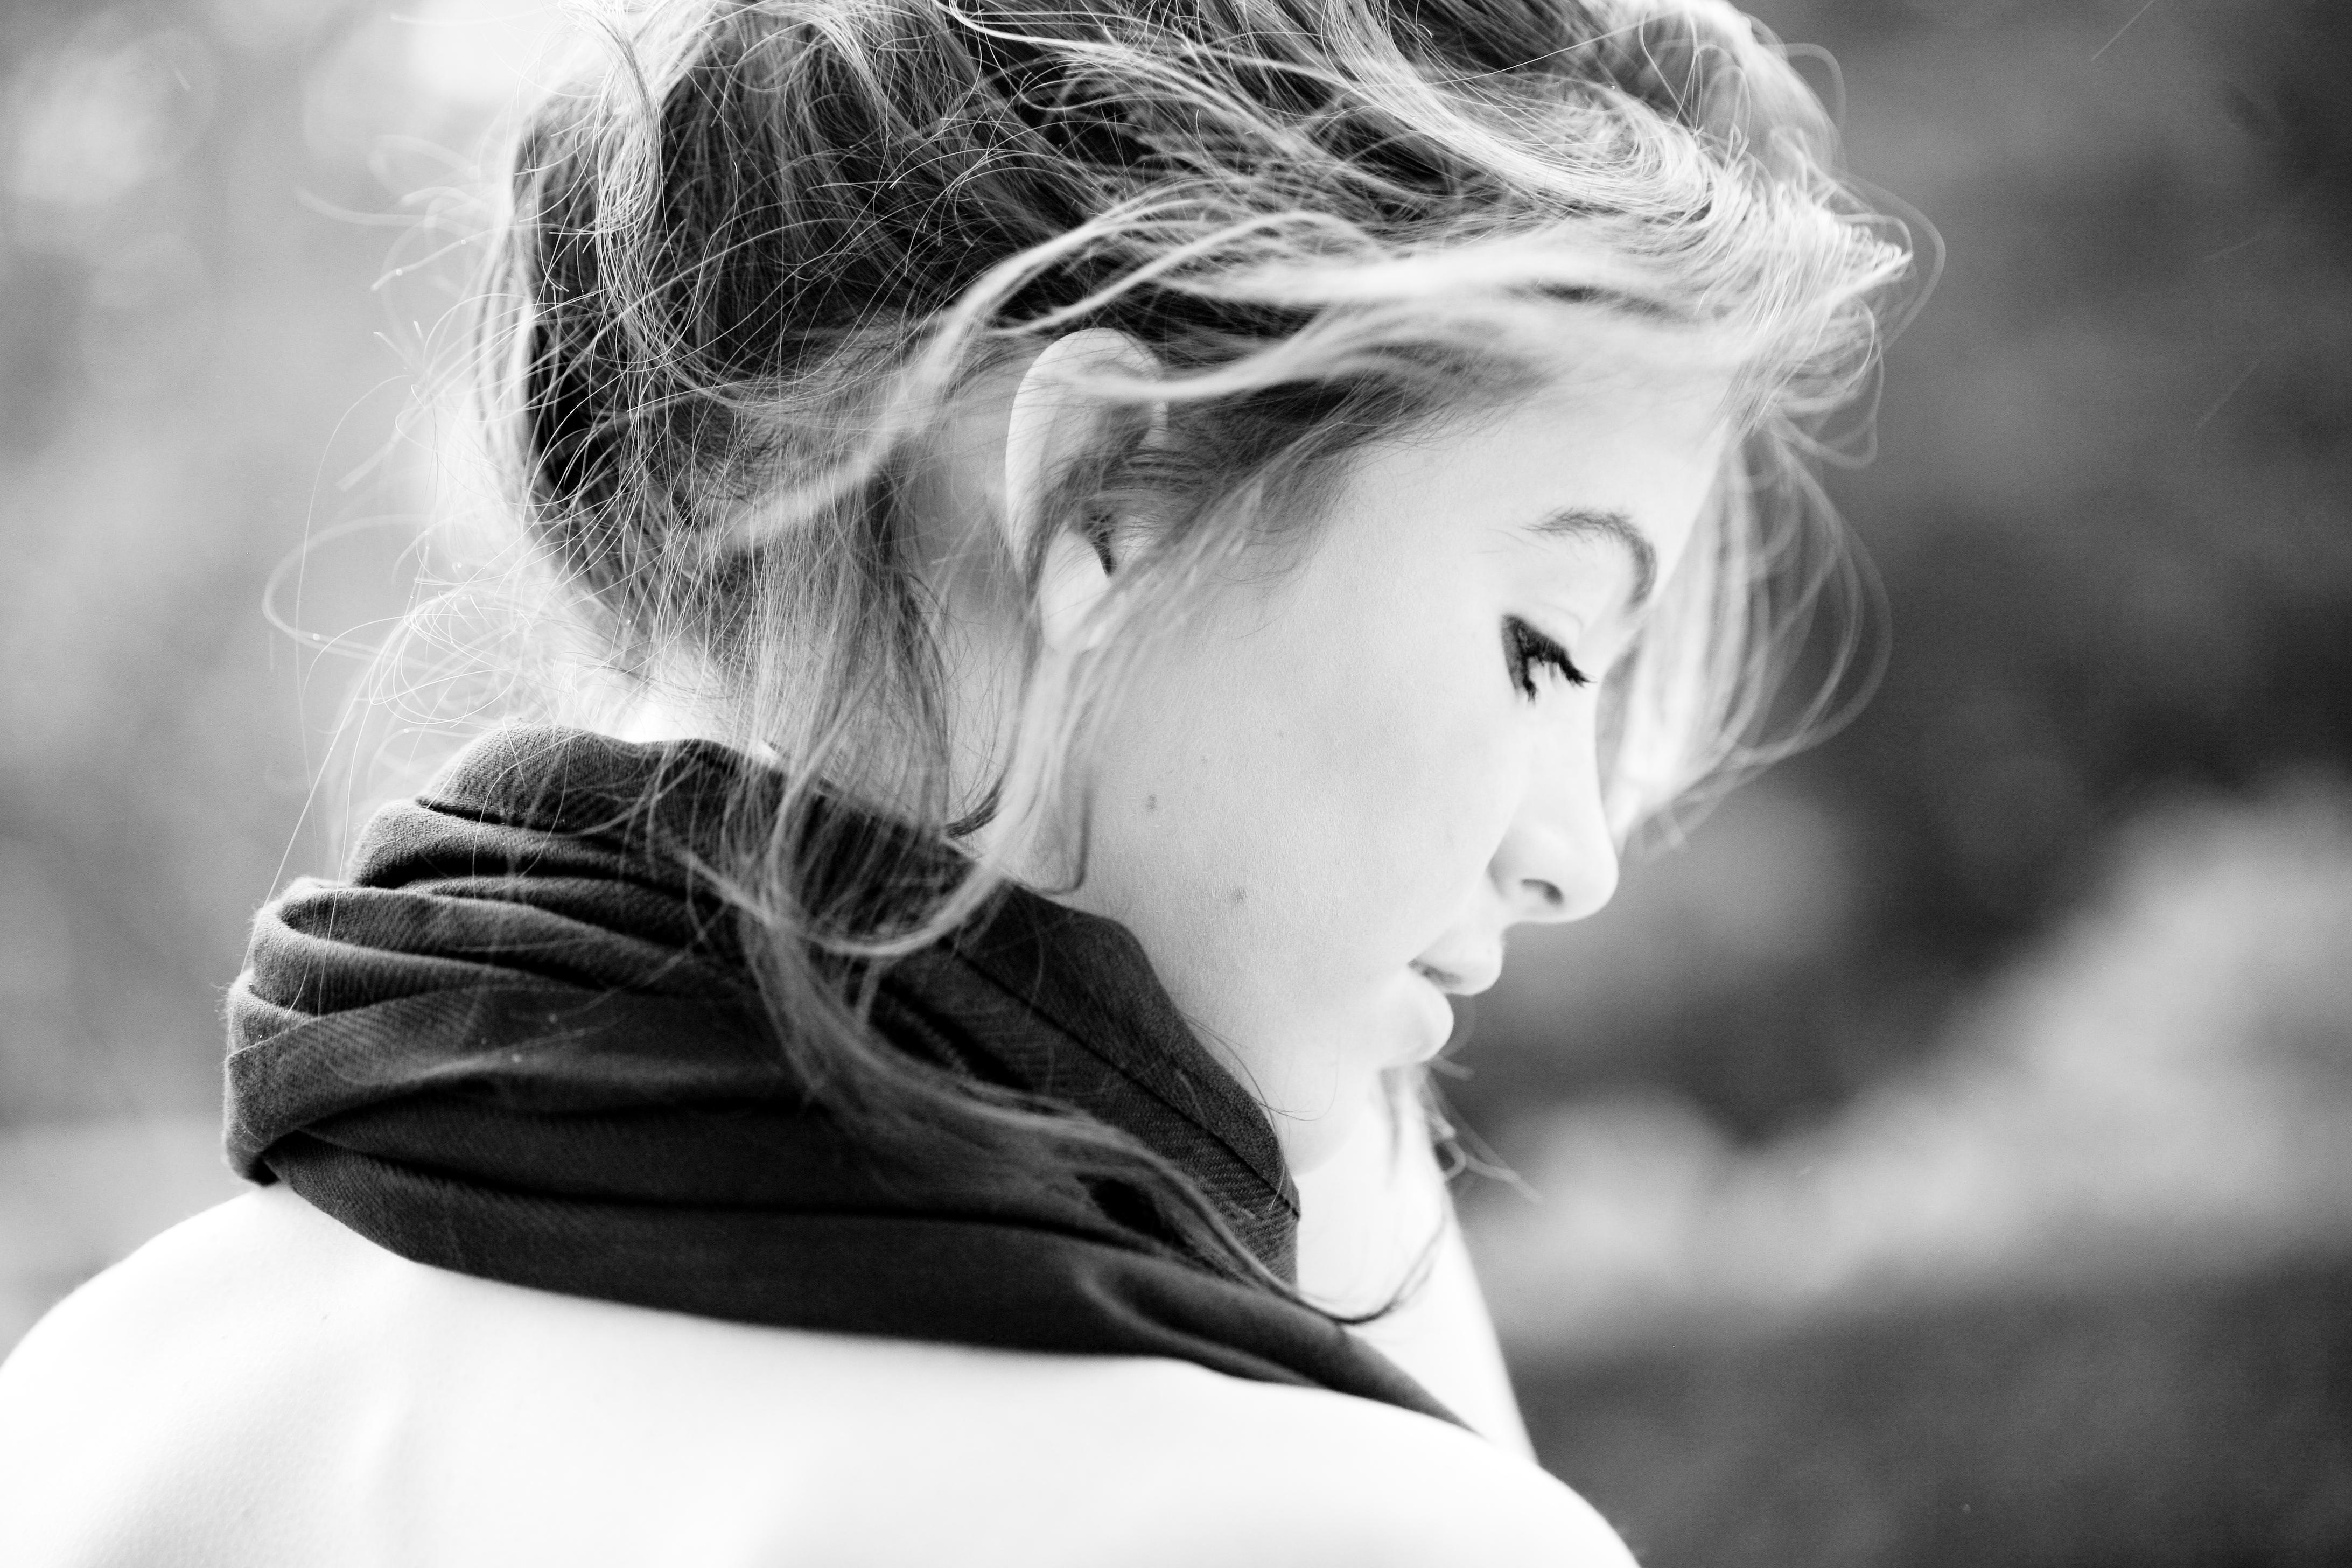 Картинка на аву девушки черно белое